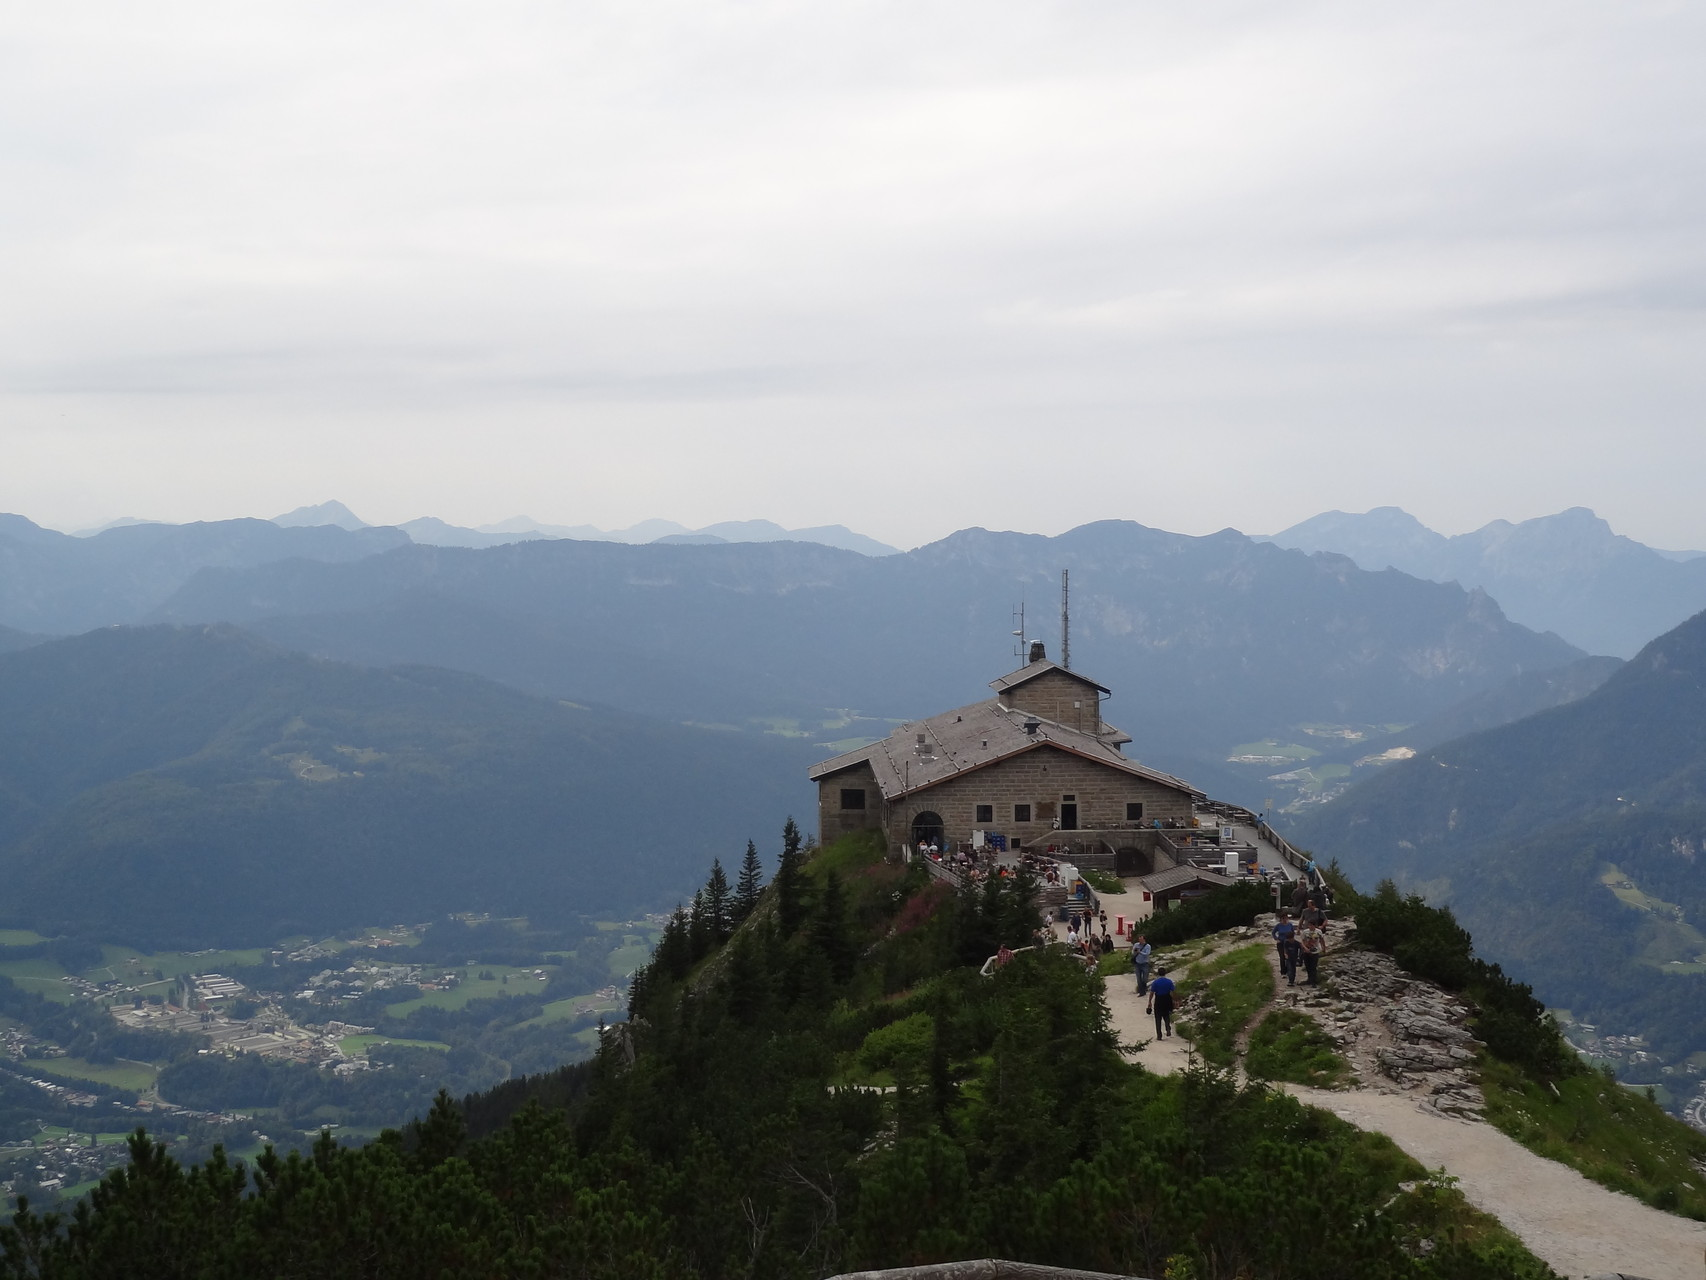 2012 LagondaFest in Austria